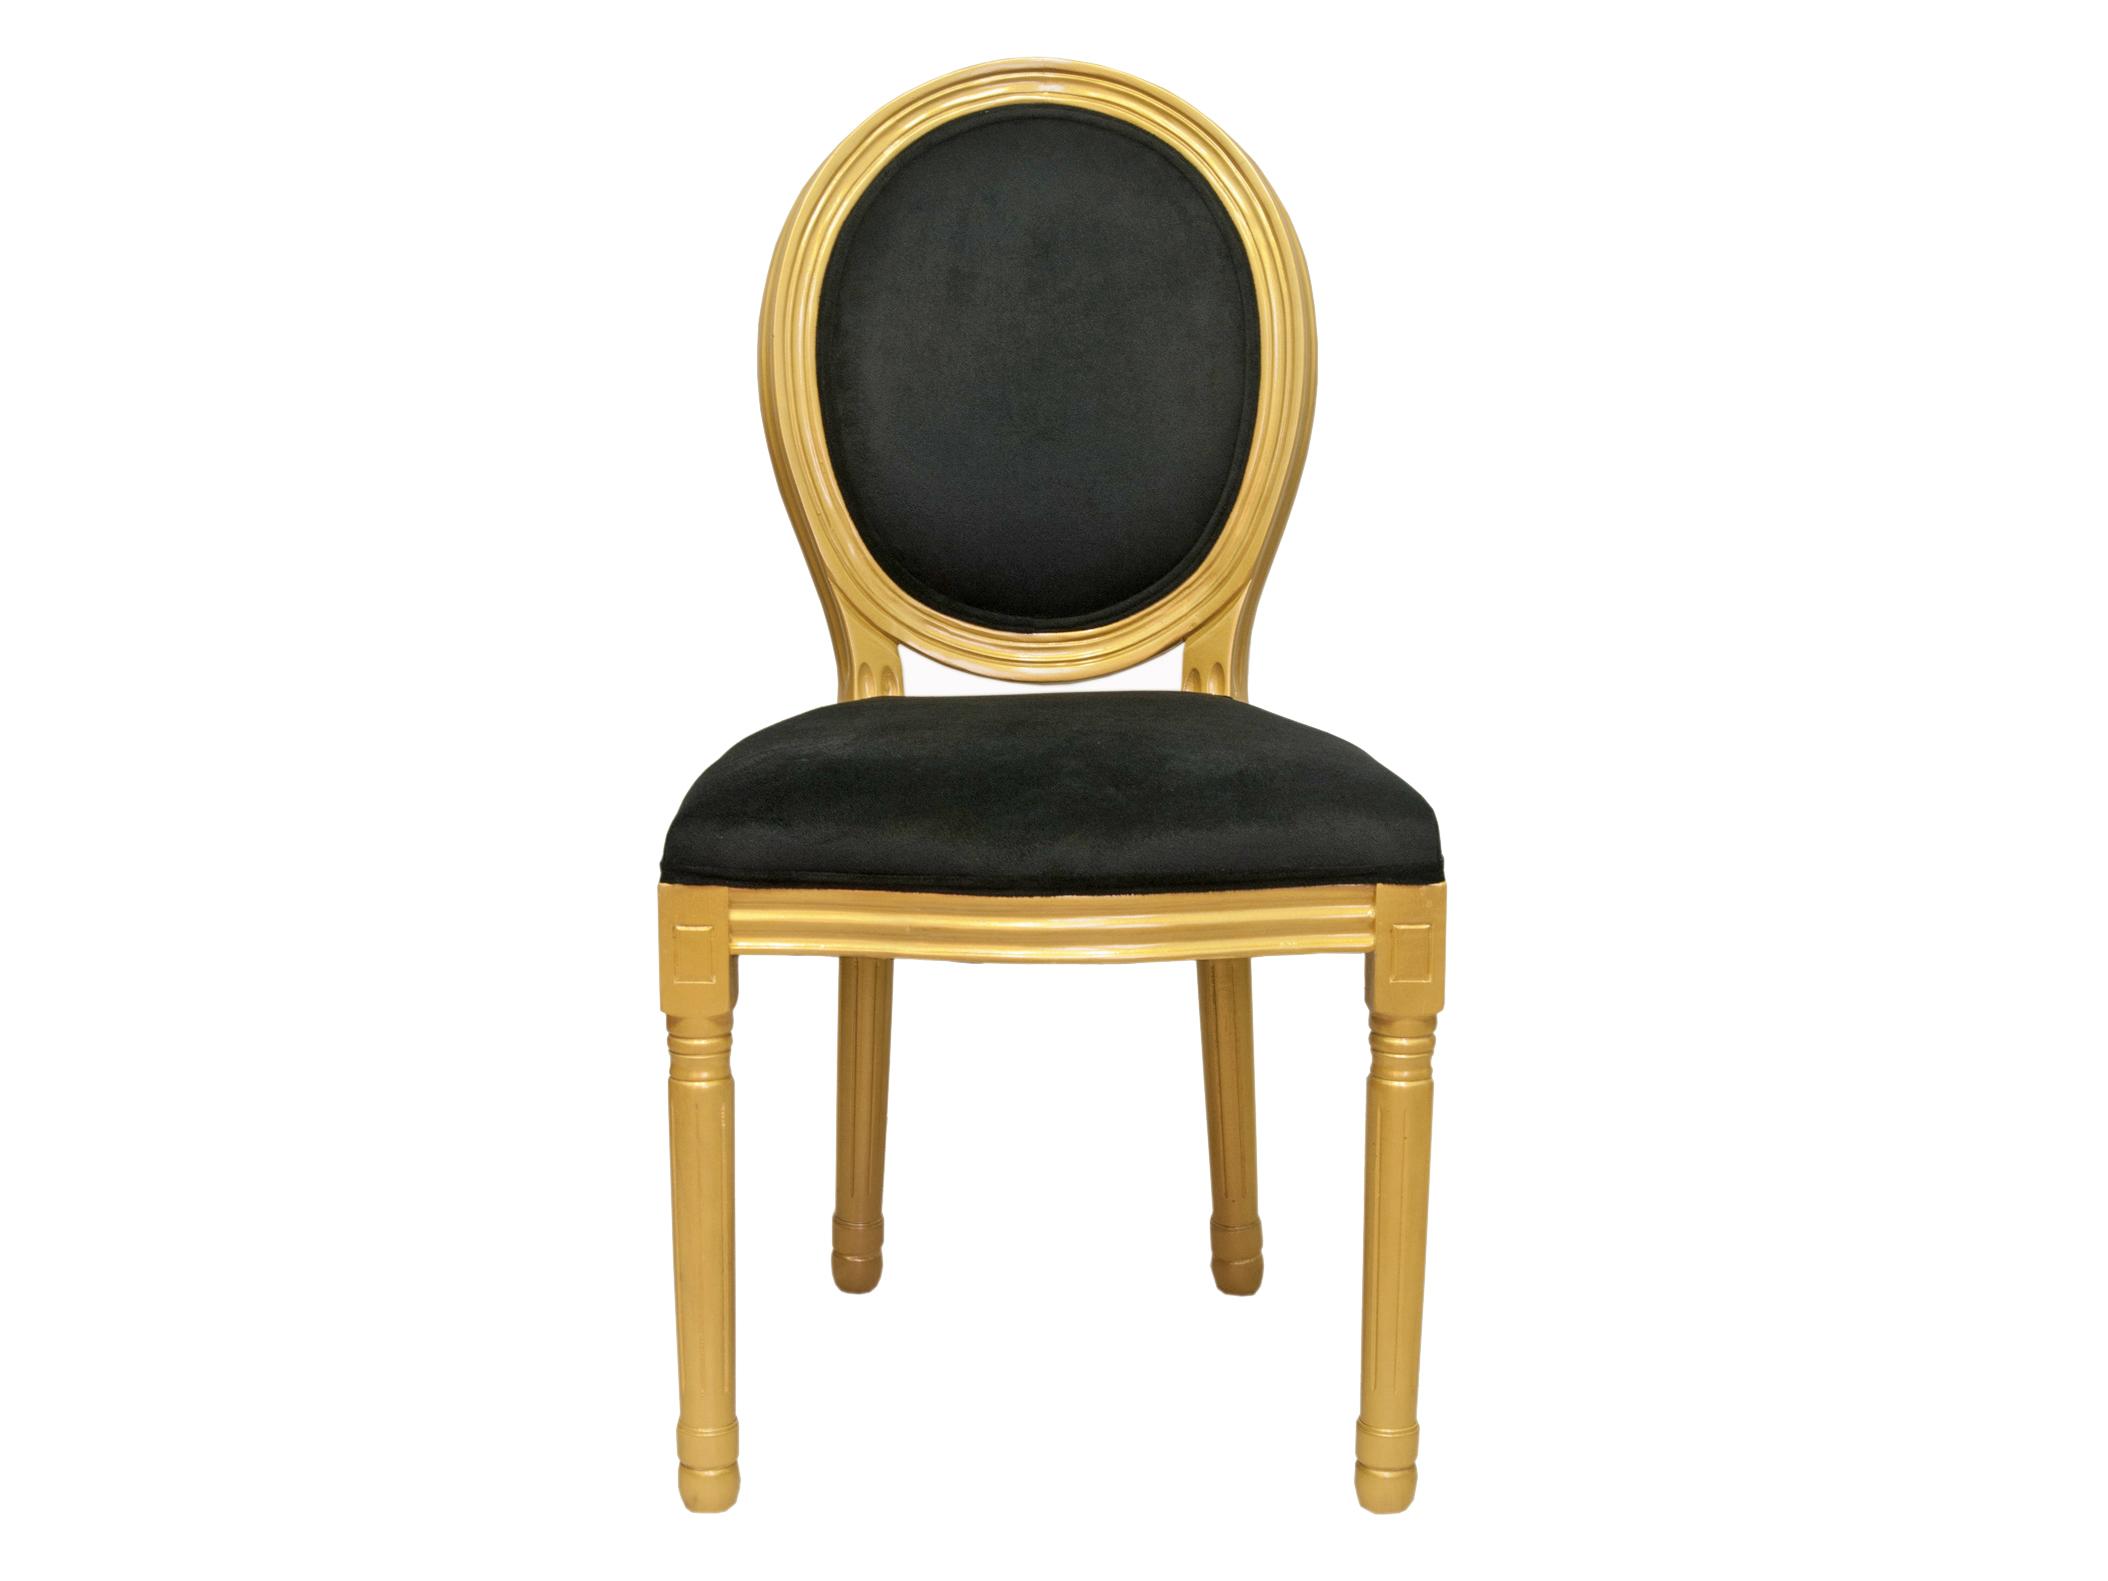 Стул VolkerОбеденные стулья<br>&amp;lt;div&amp;gt;Cтул Volker с округлой спинкой напоминающей медальон, выполнен в элегантном классическом французском стиле. Основание модели выполнено из ценной породы древесины - массива каучукового дерева, выкрашенного в цвет золота. Такой стул эффектно смотрится как в контрастной, так и в однотонной обстановке.&amp;lt;/div&amp;gt;&amp;lt;div&amp;gt;&amp;lt;br&amp;gt;&amp;lt;/div&amp;gt;&amp;lt;div&amp;gt;Материал: Велюр, каучуковое дерево&amp;lt;/div&amp;gt;<br><br>Material: Дерево<br>Ширина см: 50<br>Высота см: 100<br>Глубина см: 54